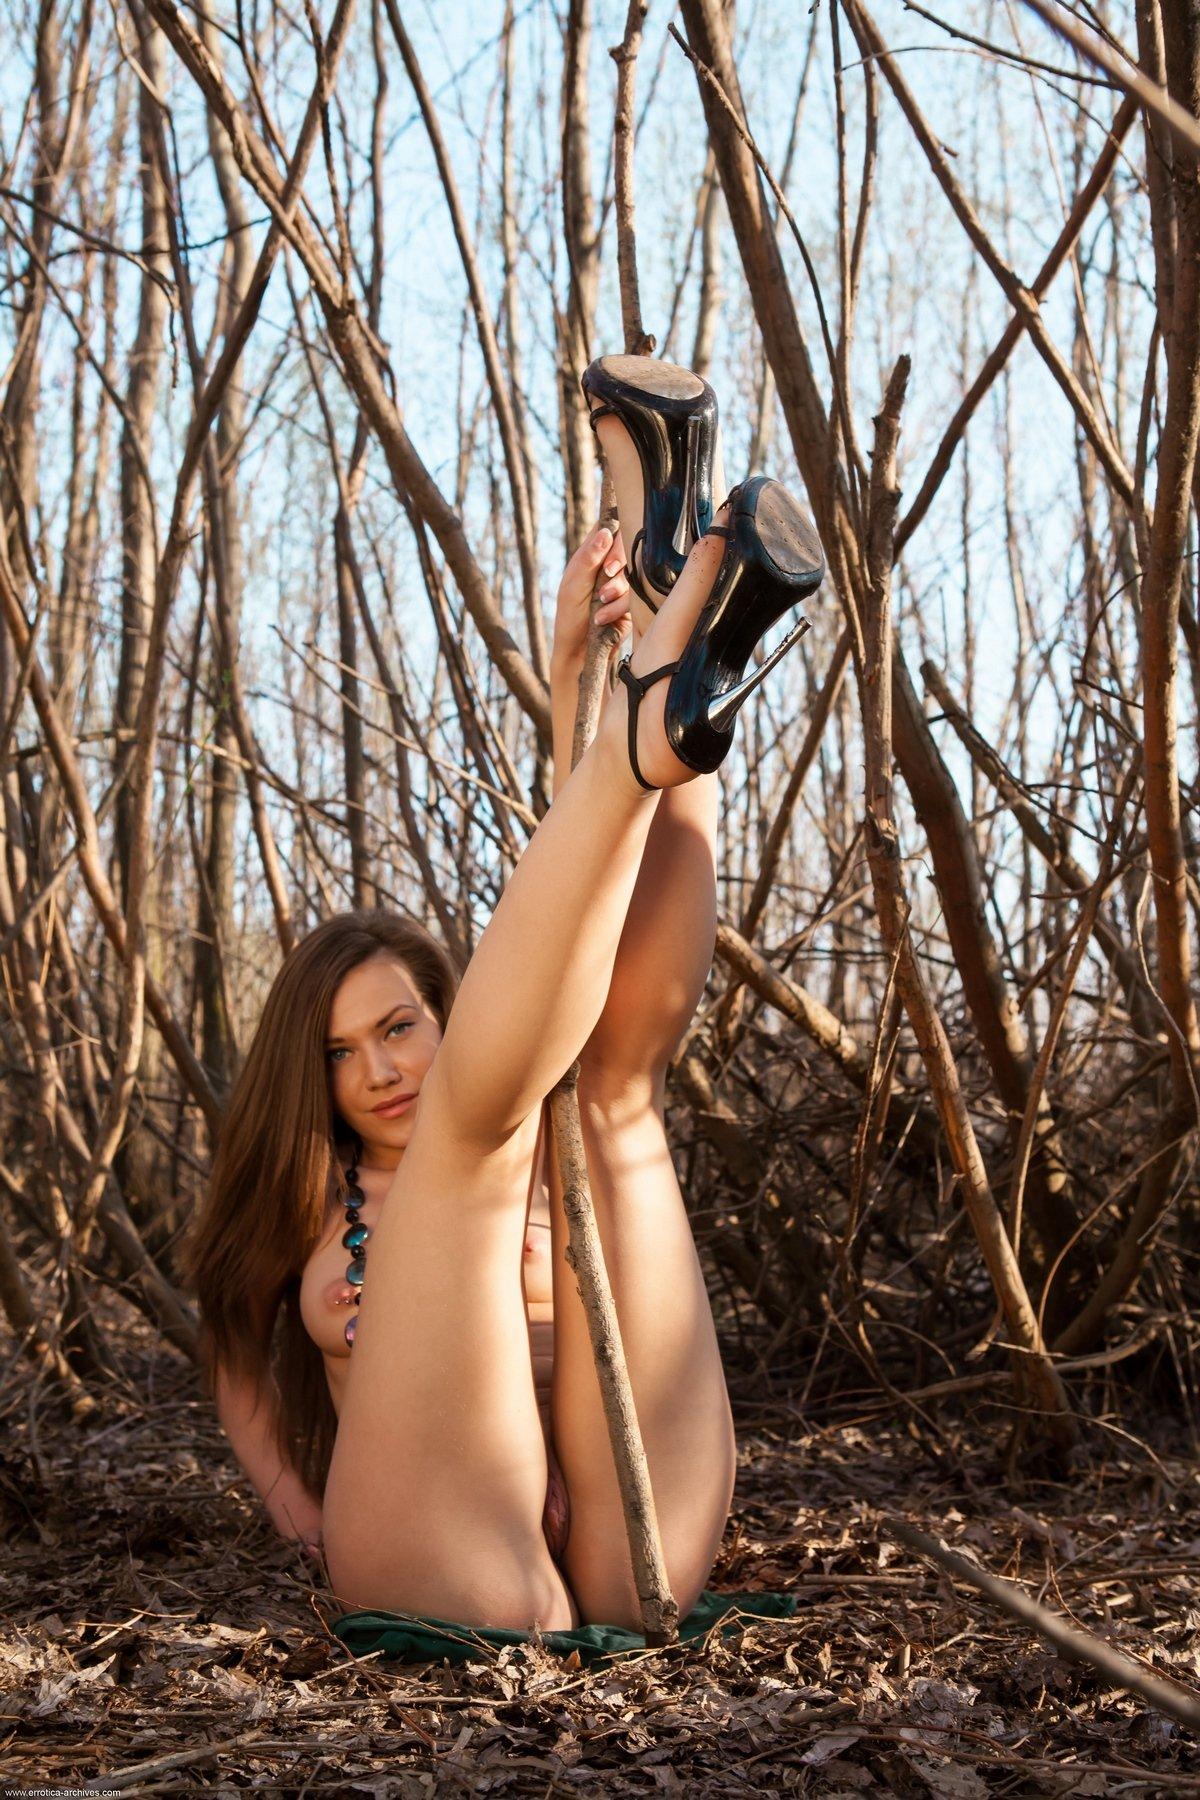 Раздетая чика с бусами на поляне смотреть эротику